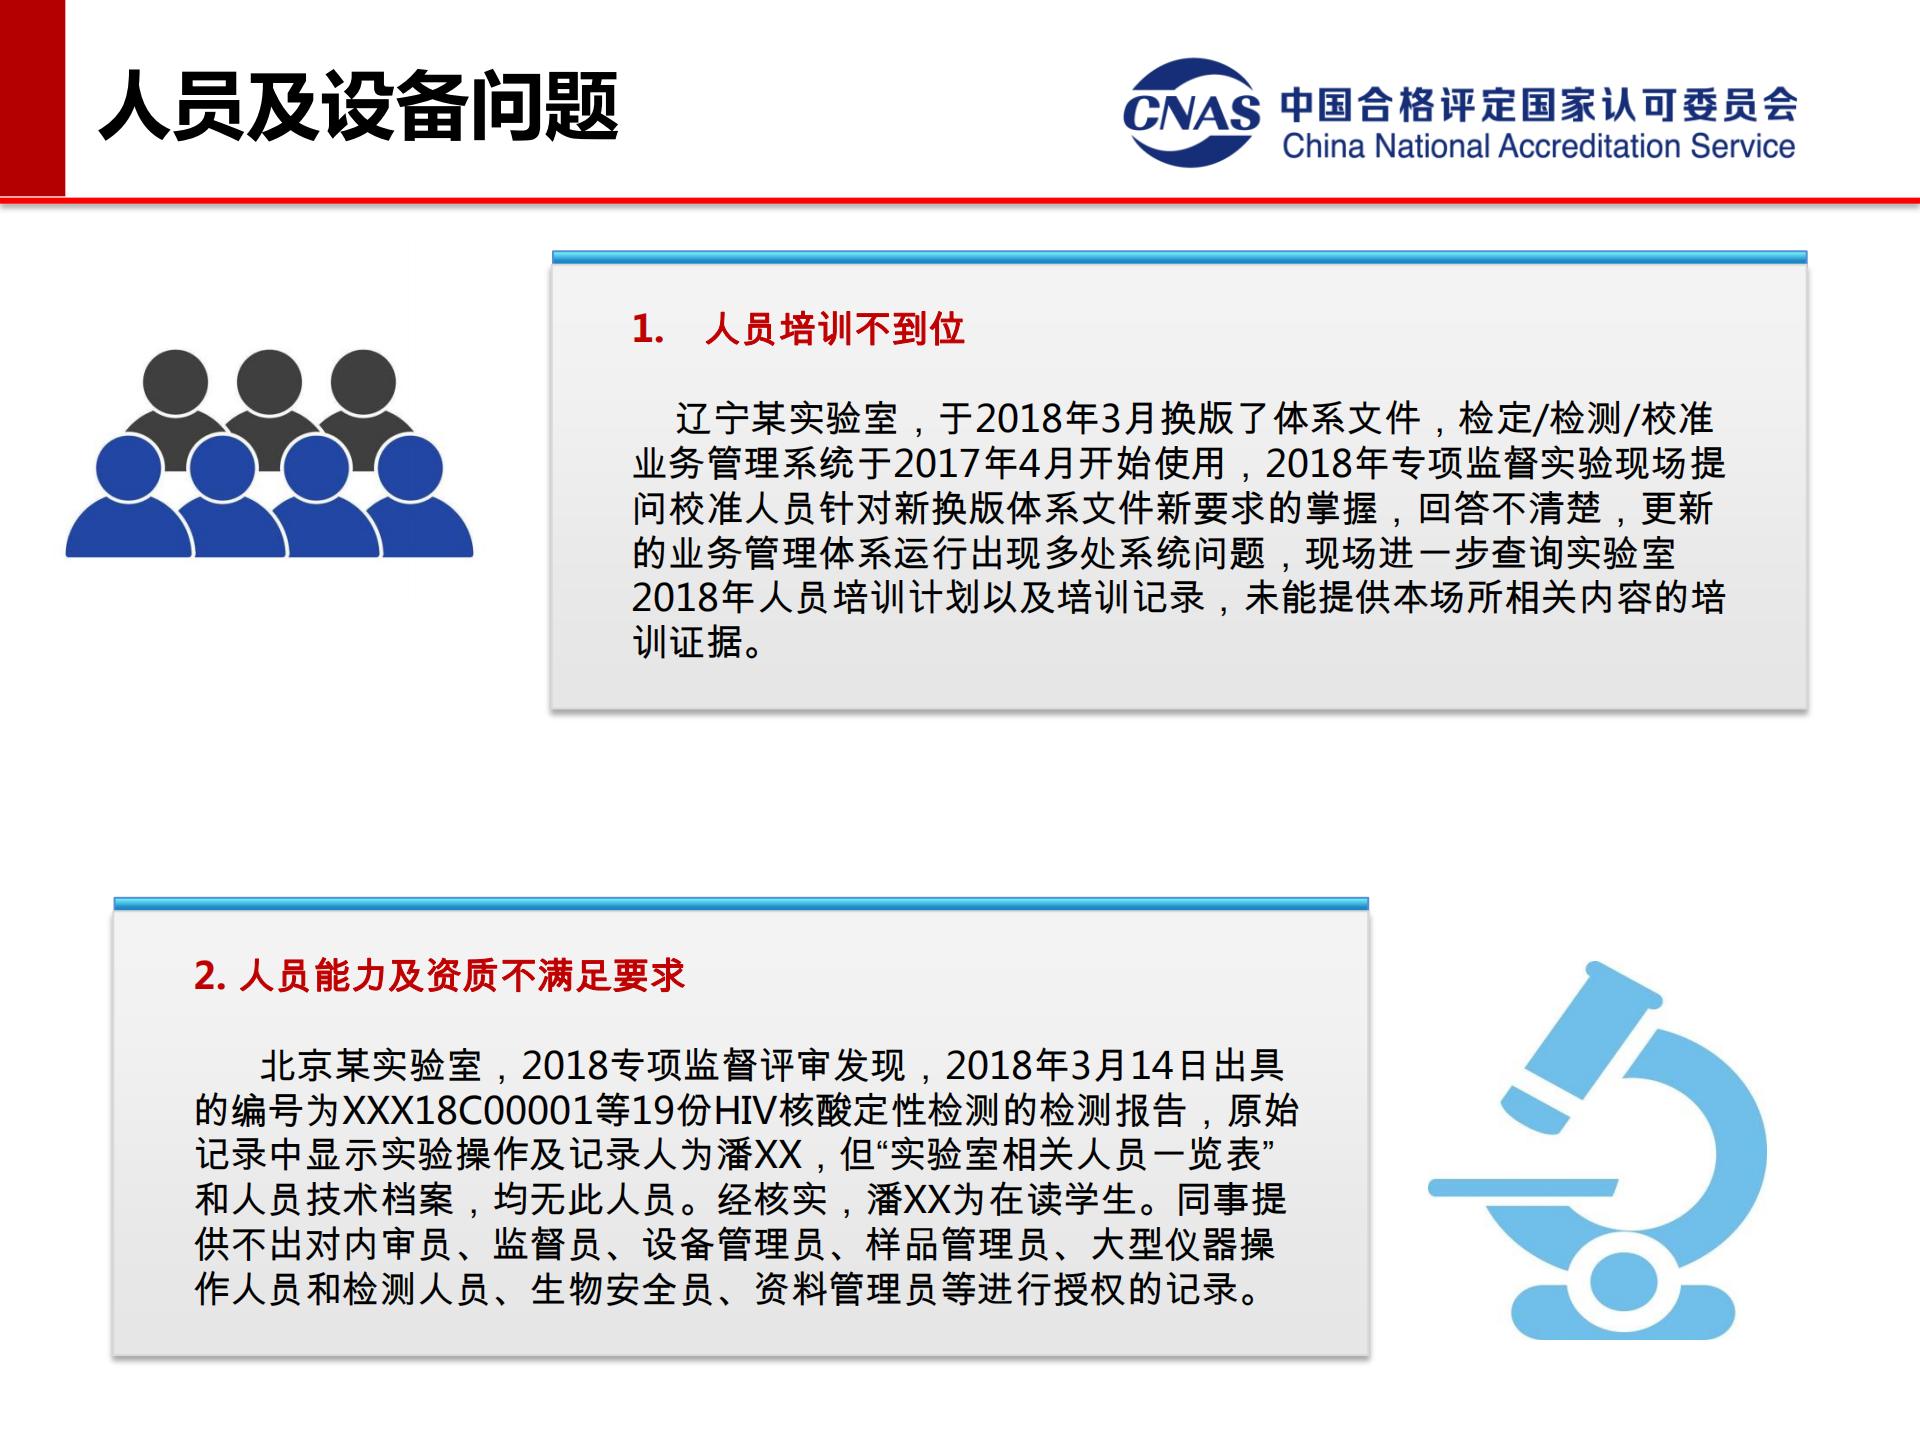 专项监督典型案例(发言人:认可七处 冯涛)_24.png